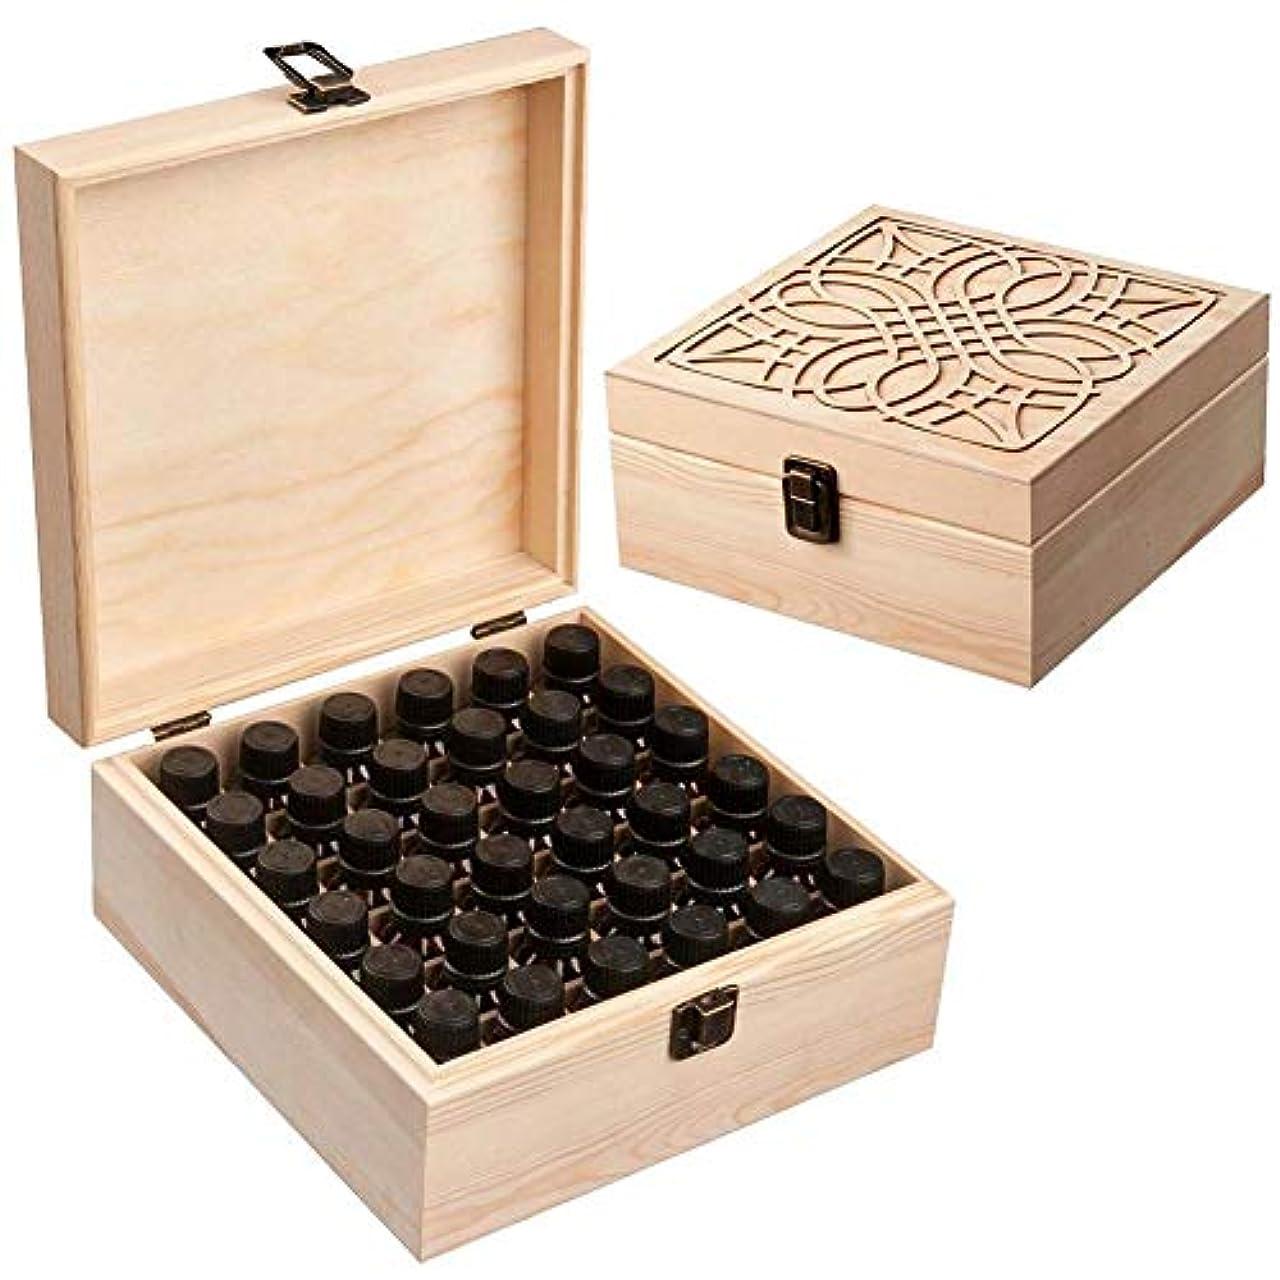 力きらめくバングラデシュNewfashion エッセンシャルオイル収納ボックス 精油収納 アロマケース 木製 大容量 携帯便利 オイルボックス 飾り物 36本用